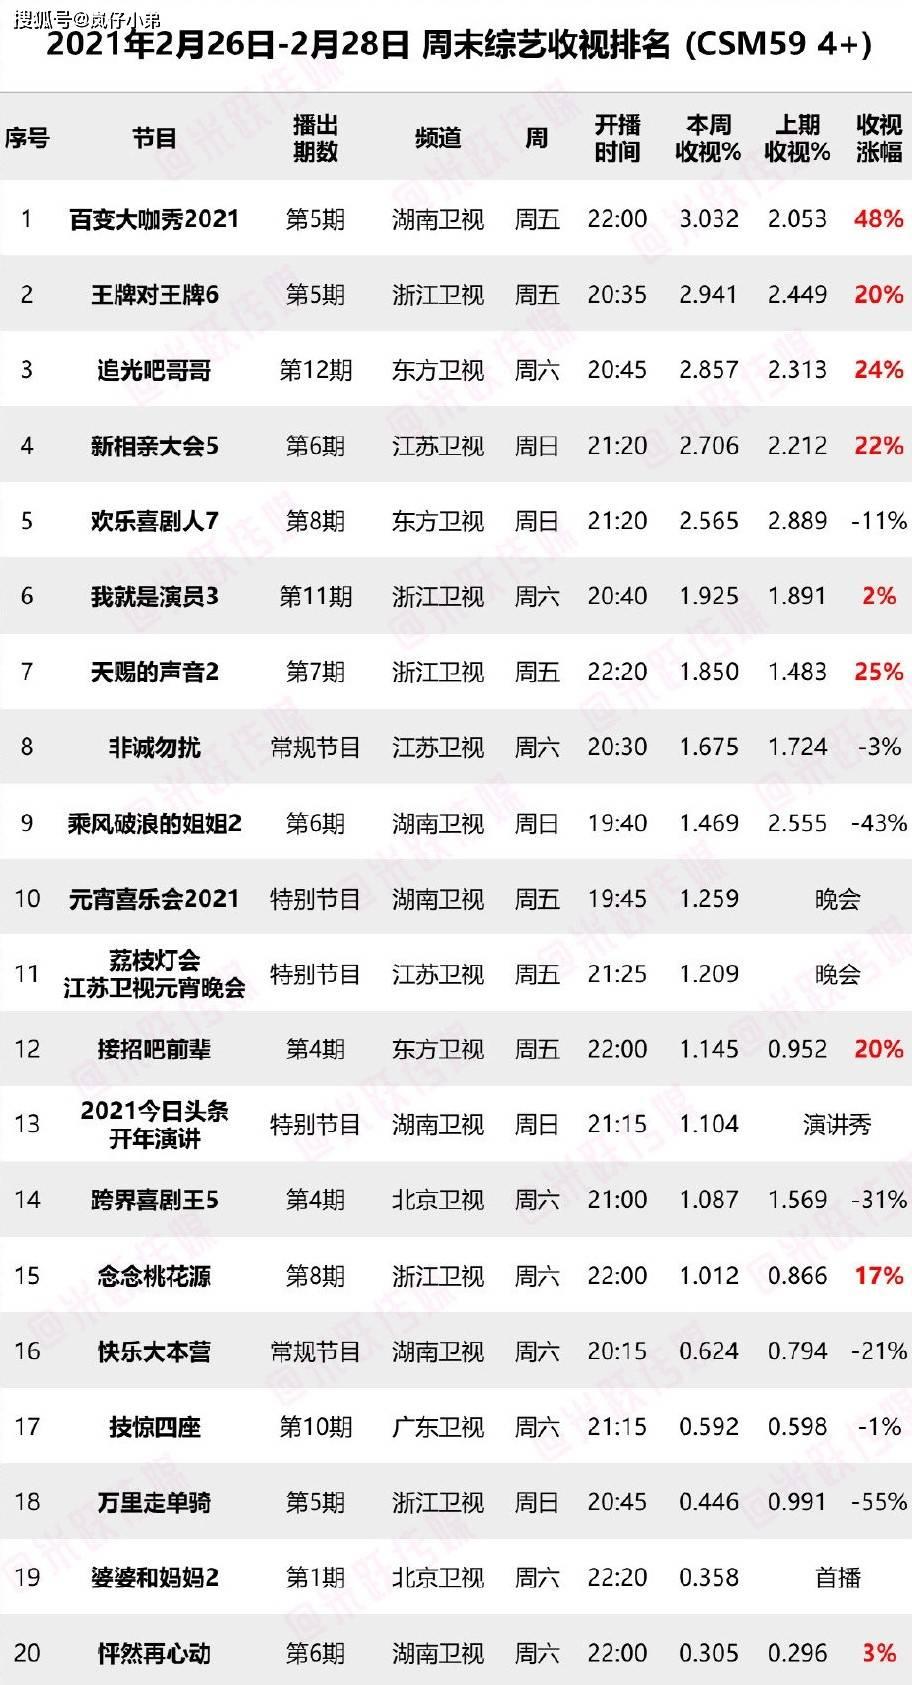 上周末综艺收视率出炉,《王牌6》跌下神坛,全新黑马综艺诞生!